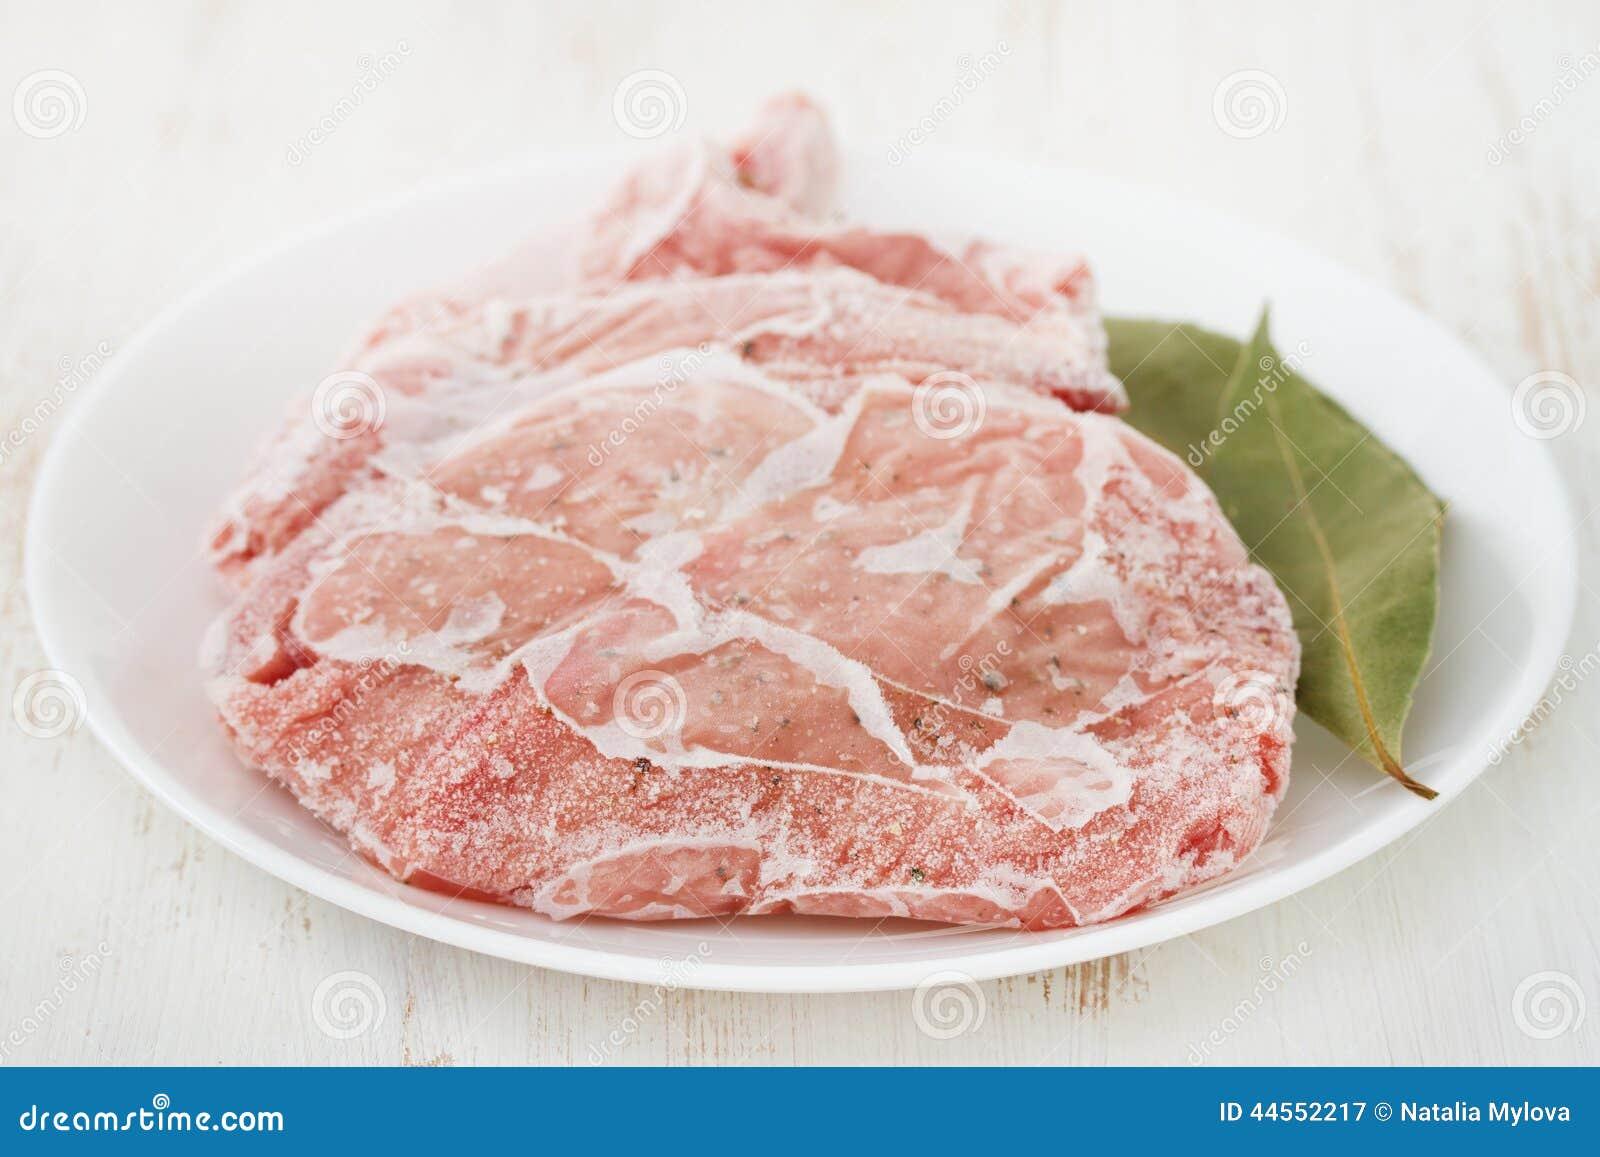 Zamarznięta wieprzowina na talerzu